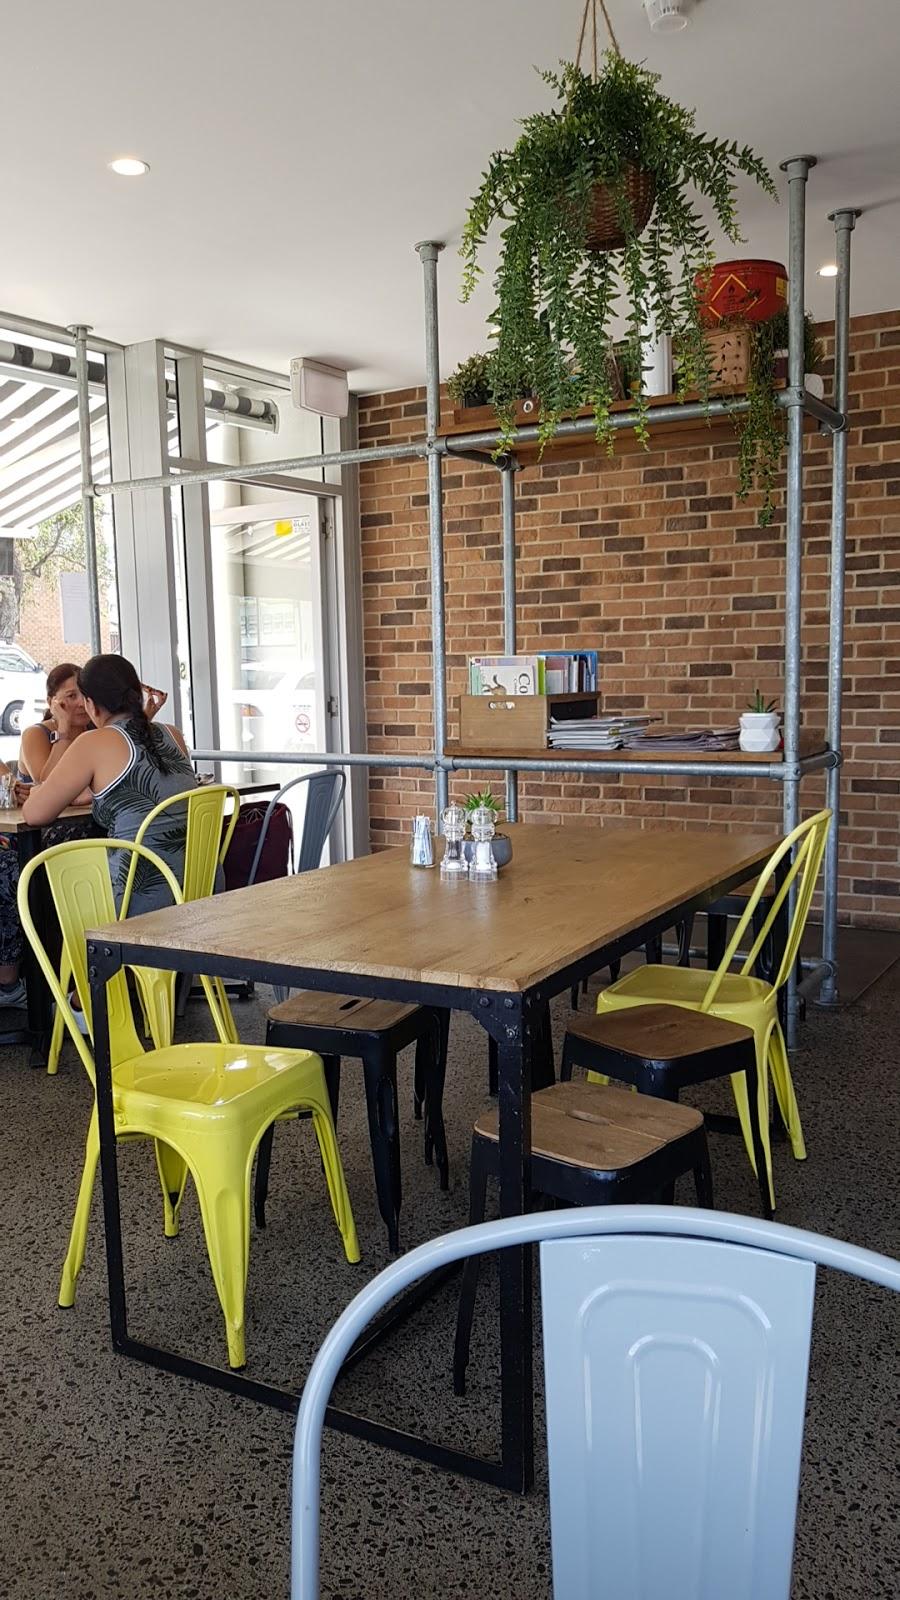 Coffee Tank - Cafe | 1/395 Marrickville Rd, Marrickville NSW 2204, Australia